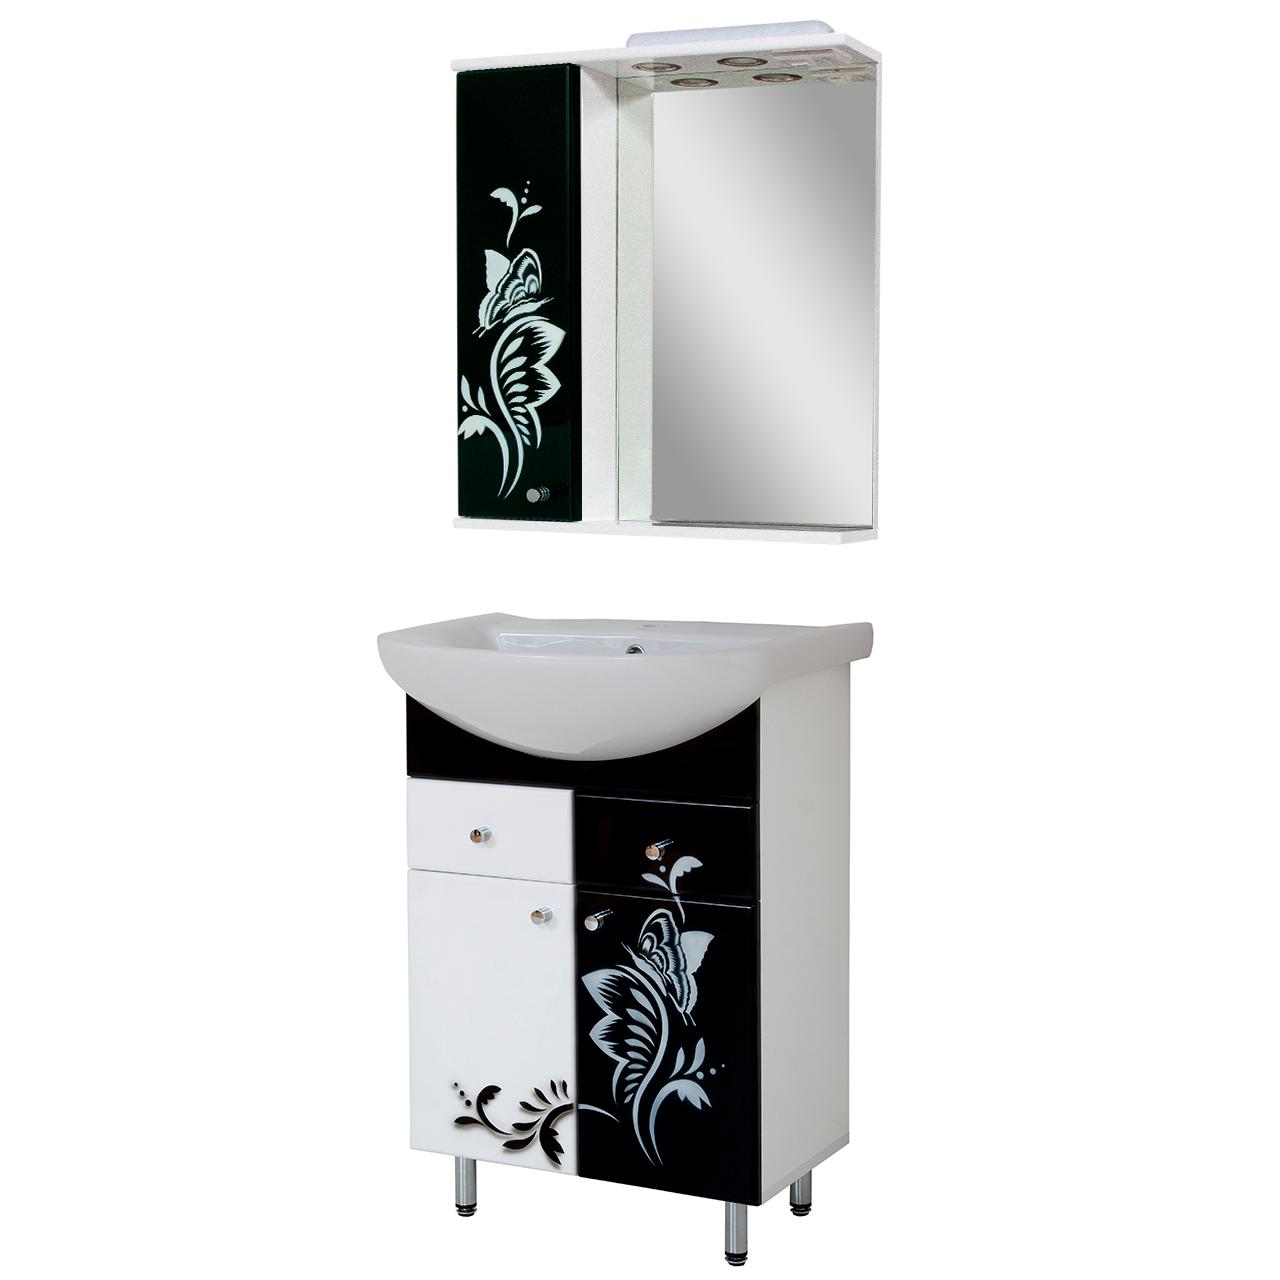 Мебель для ванной комнаты - купить в Москве в интернет-магазине ... | 1280x1280